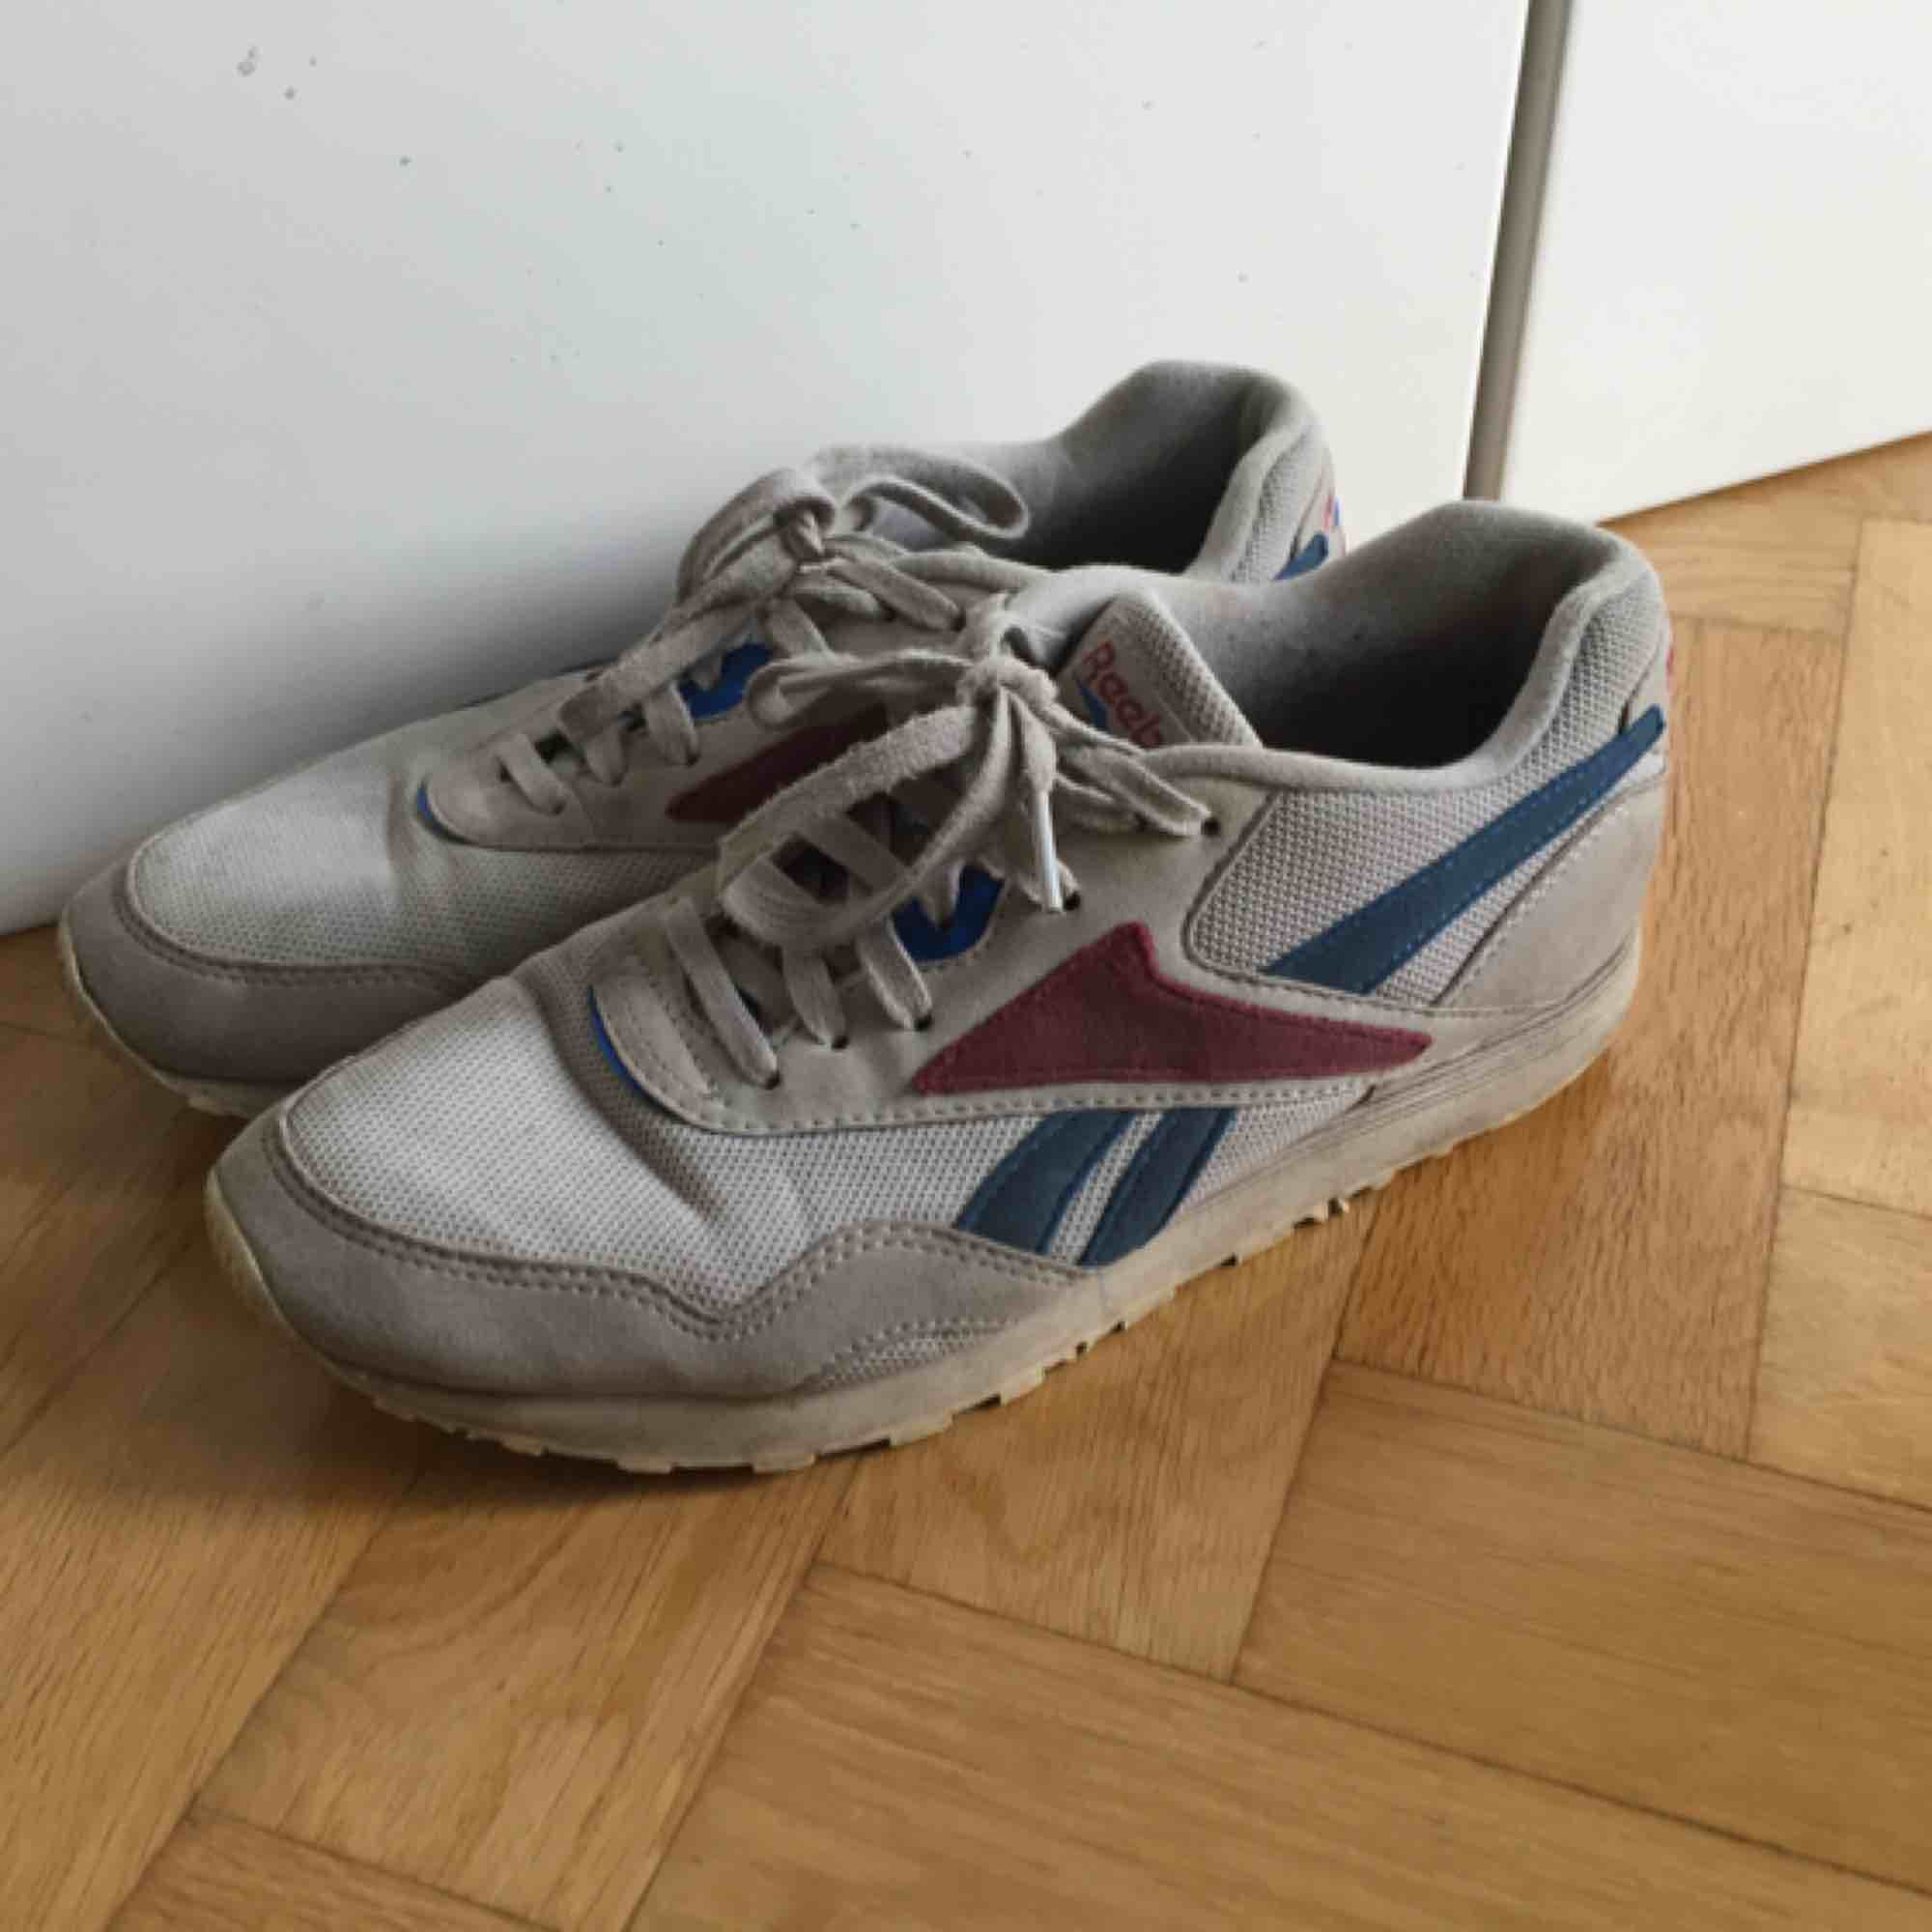 Reebok sneakers i gott skick, till synes lite  smutsiga mem i övrigt inte slitna. Storlek 39, jag brukar ligga mellan 38-39 och kan ha dessa. . Skor.